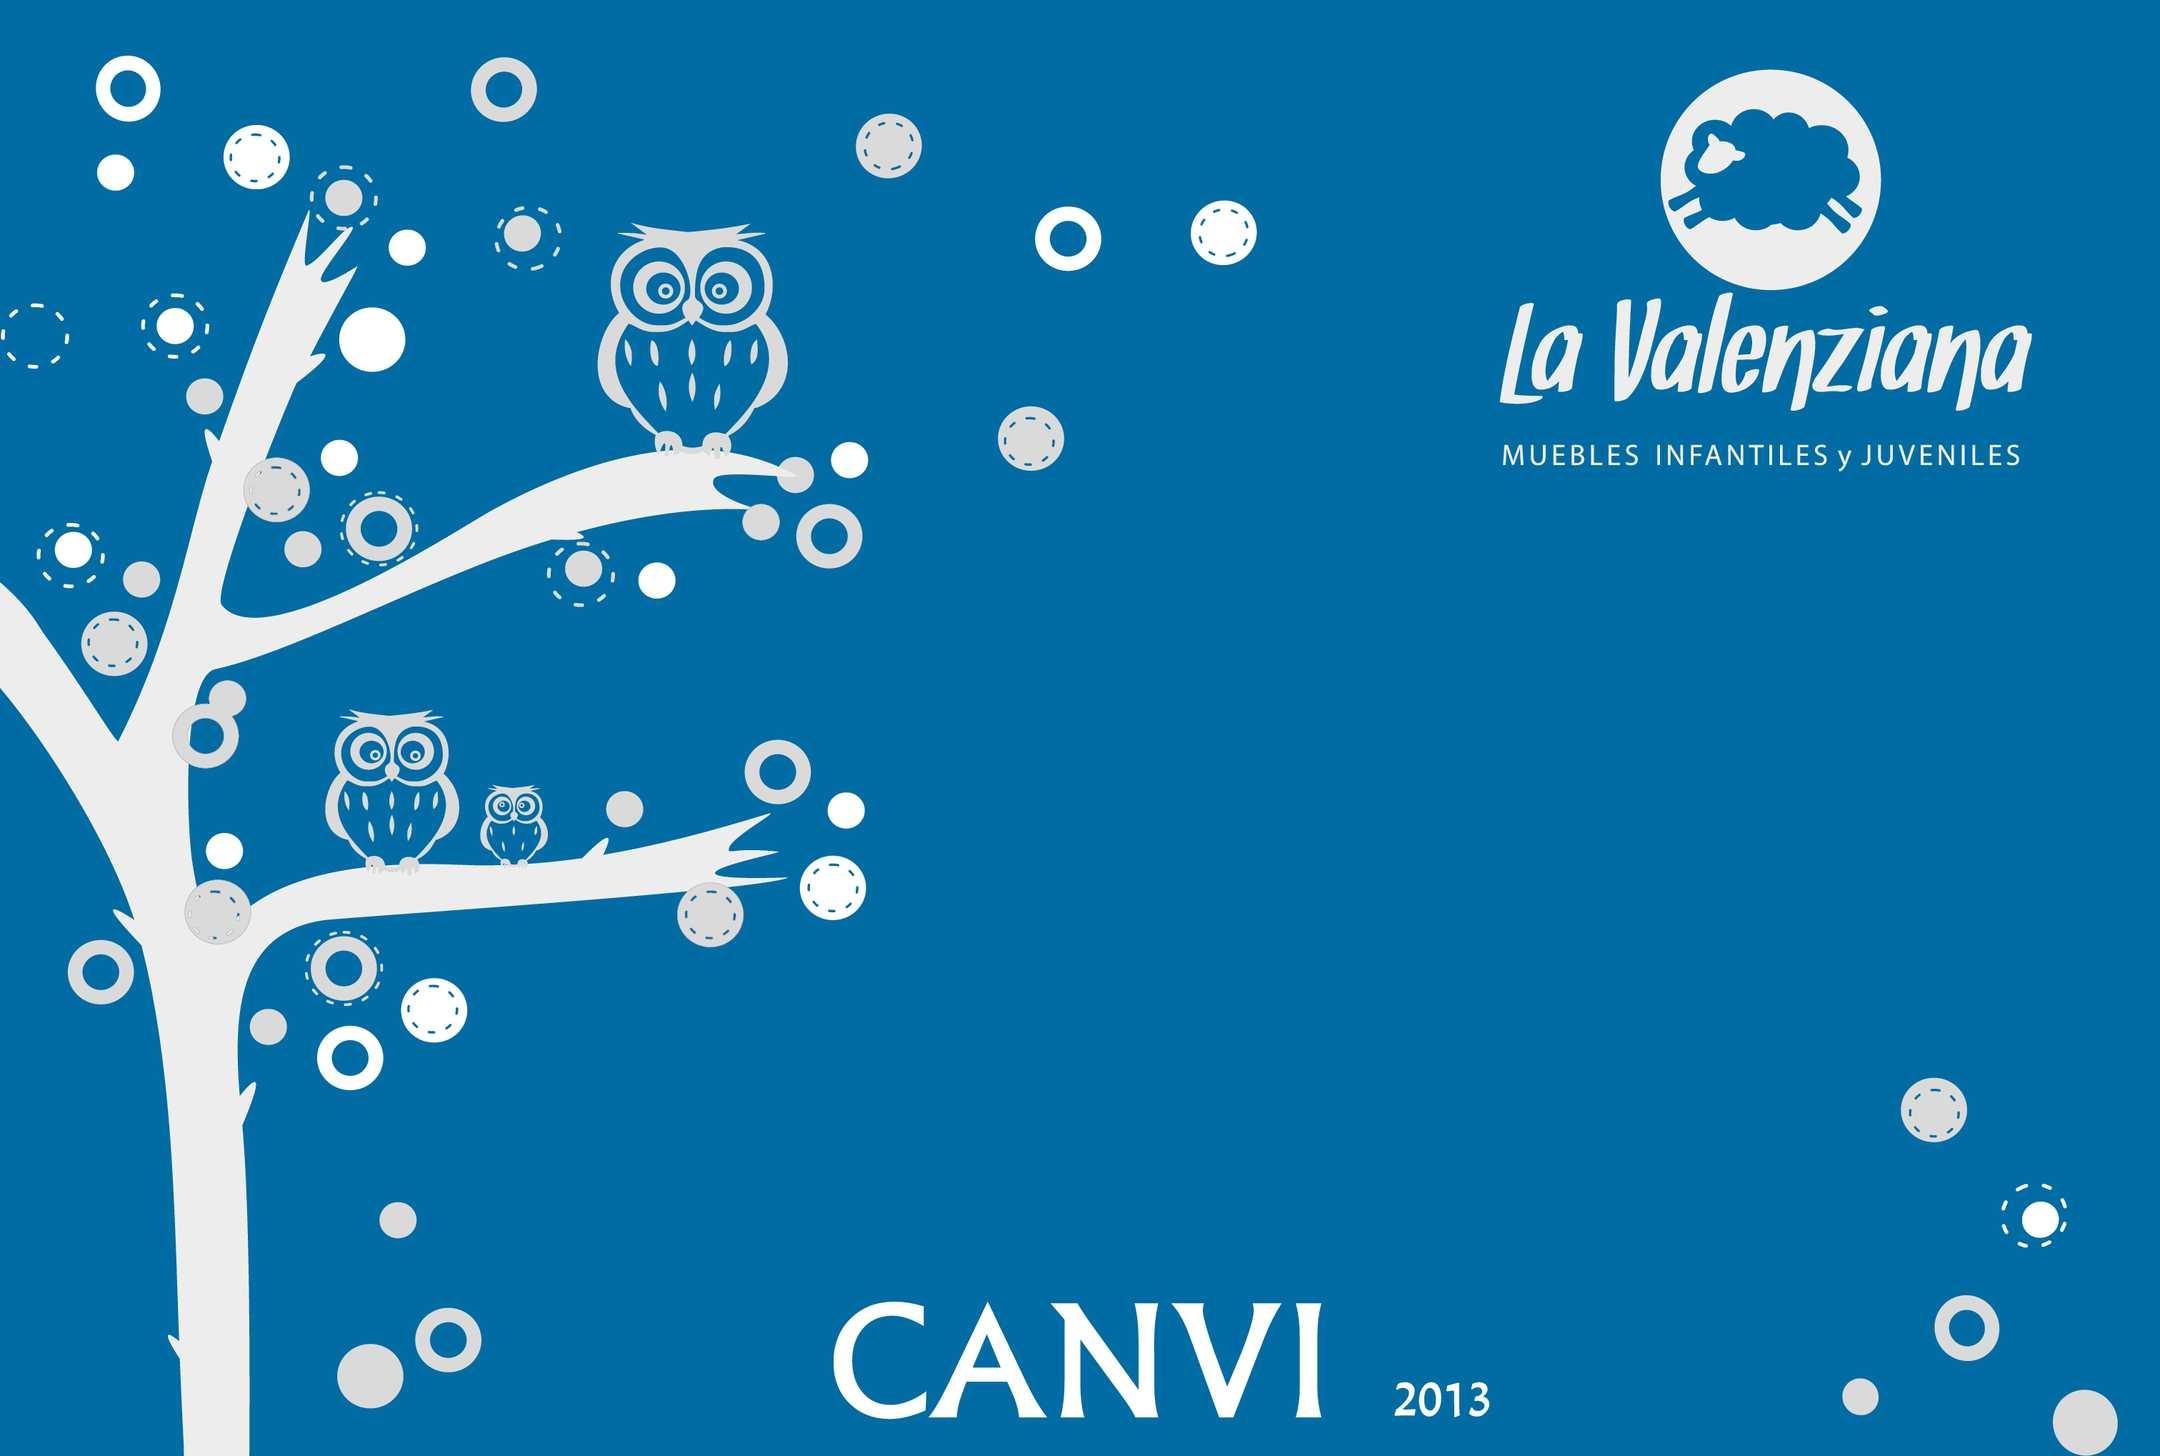 Catálogo Canvi La Valenziana